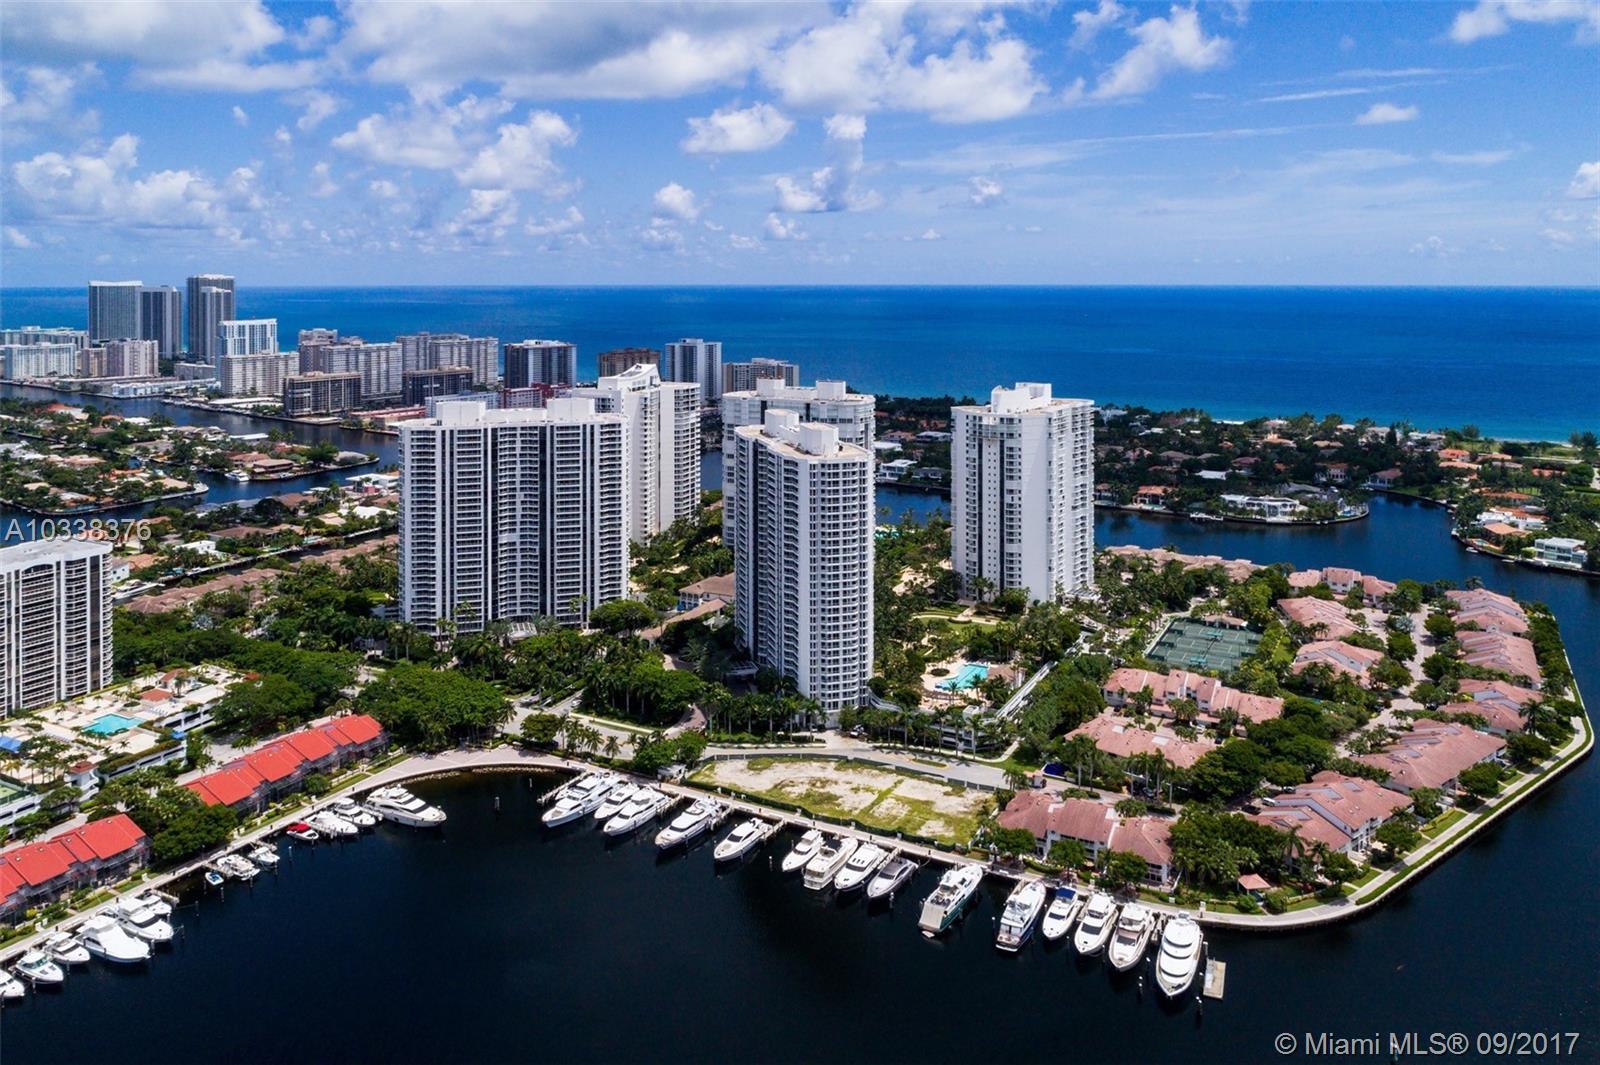 21055 Yacht Club Dr # 2201, Aventura , FL 33180